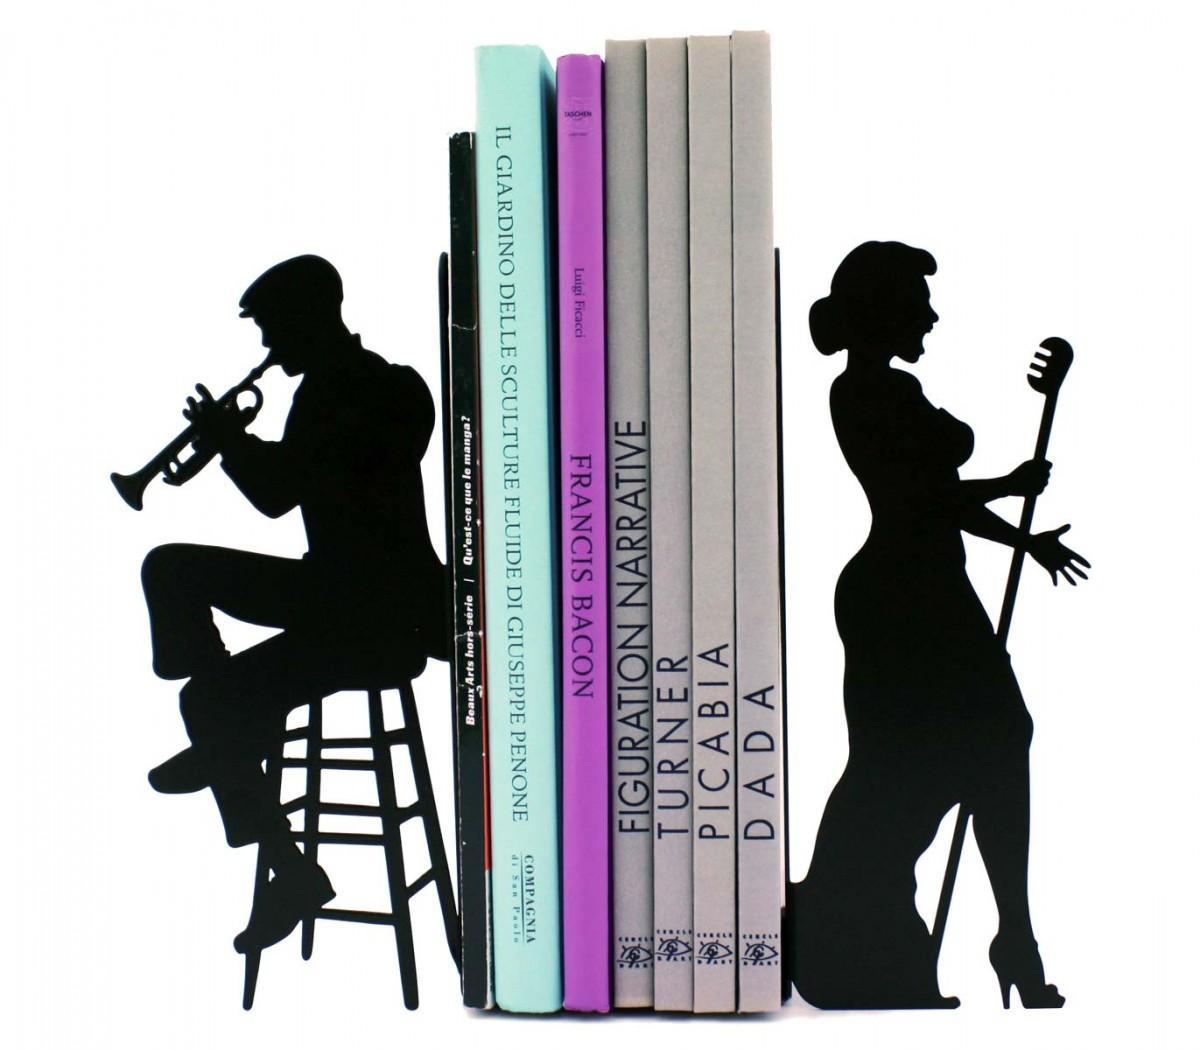 cale disques vinyles presse livres grand format blues pour decoration etageres